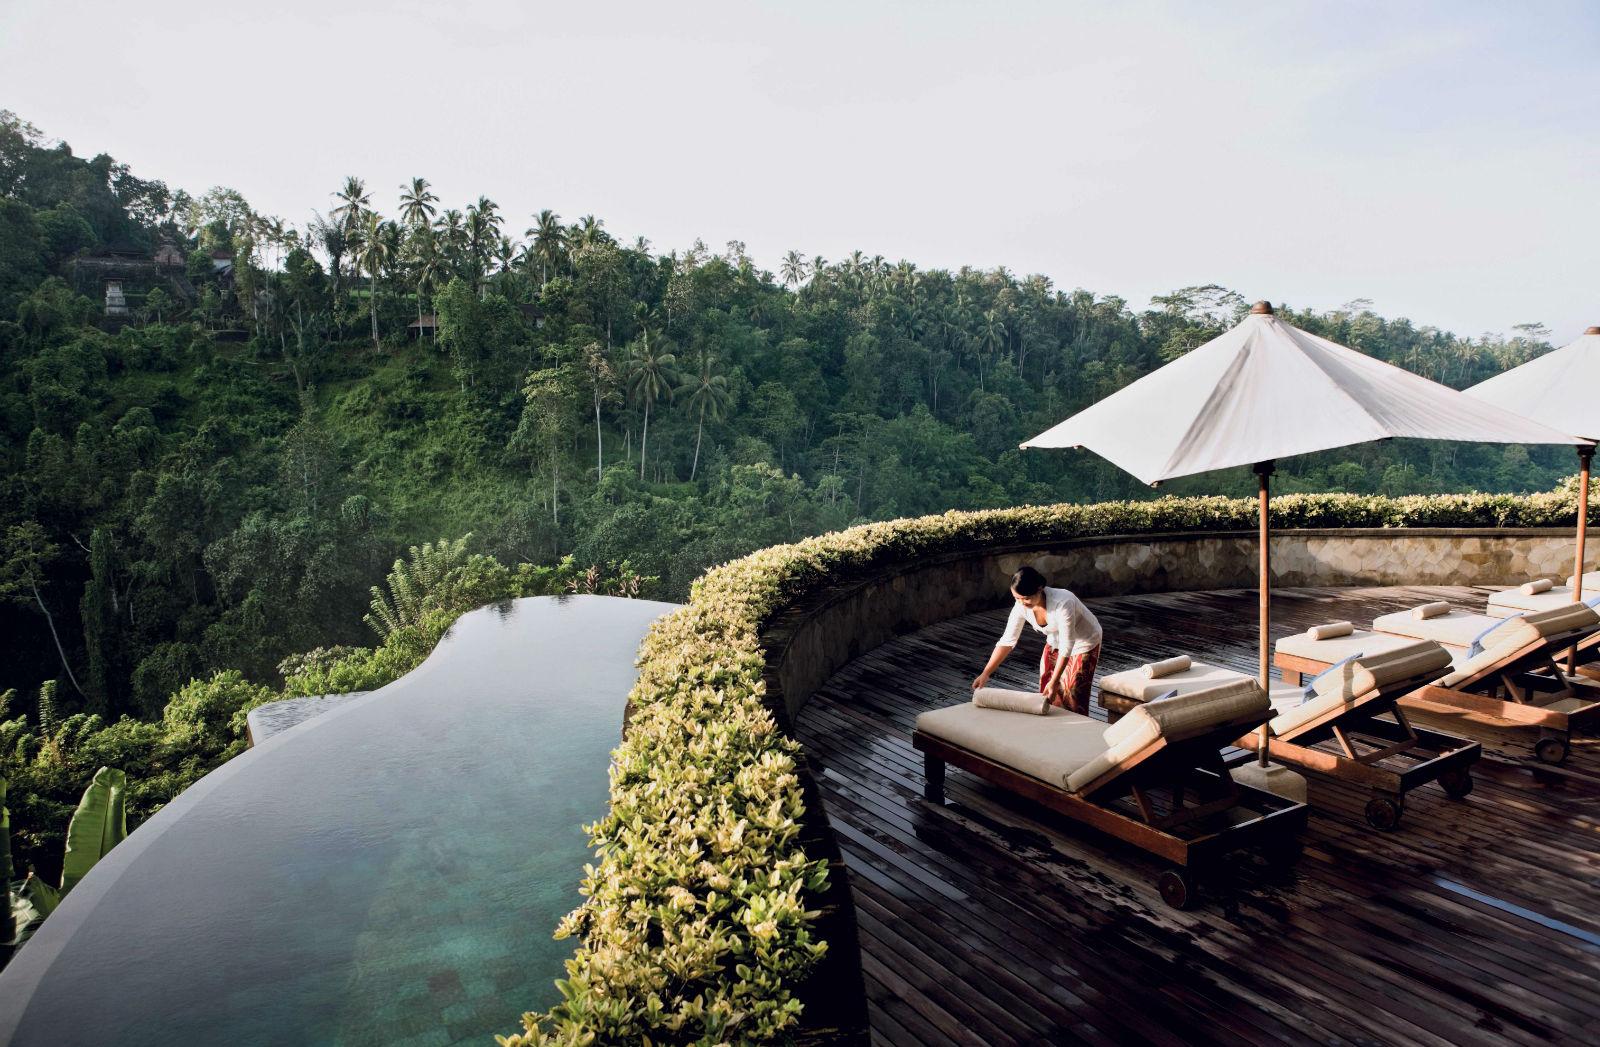 Ngỡ ngàng bể bơi đẹp nhất thế giới tuyệt đẹp giữa núi rừng Bali 9